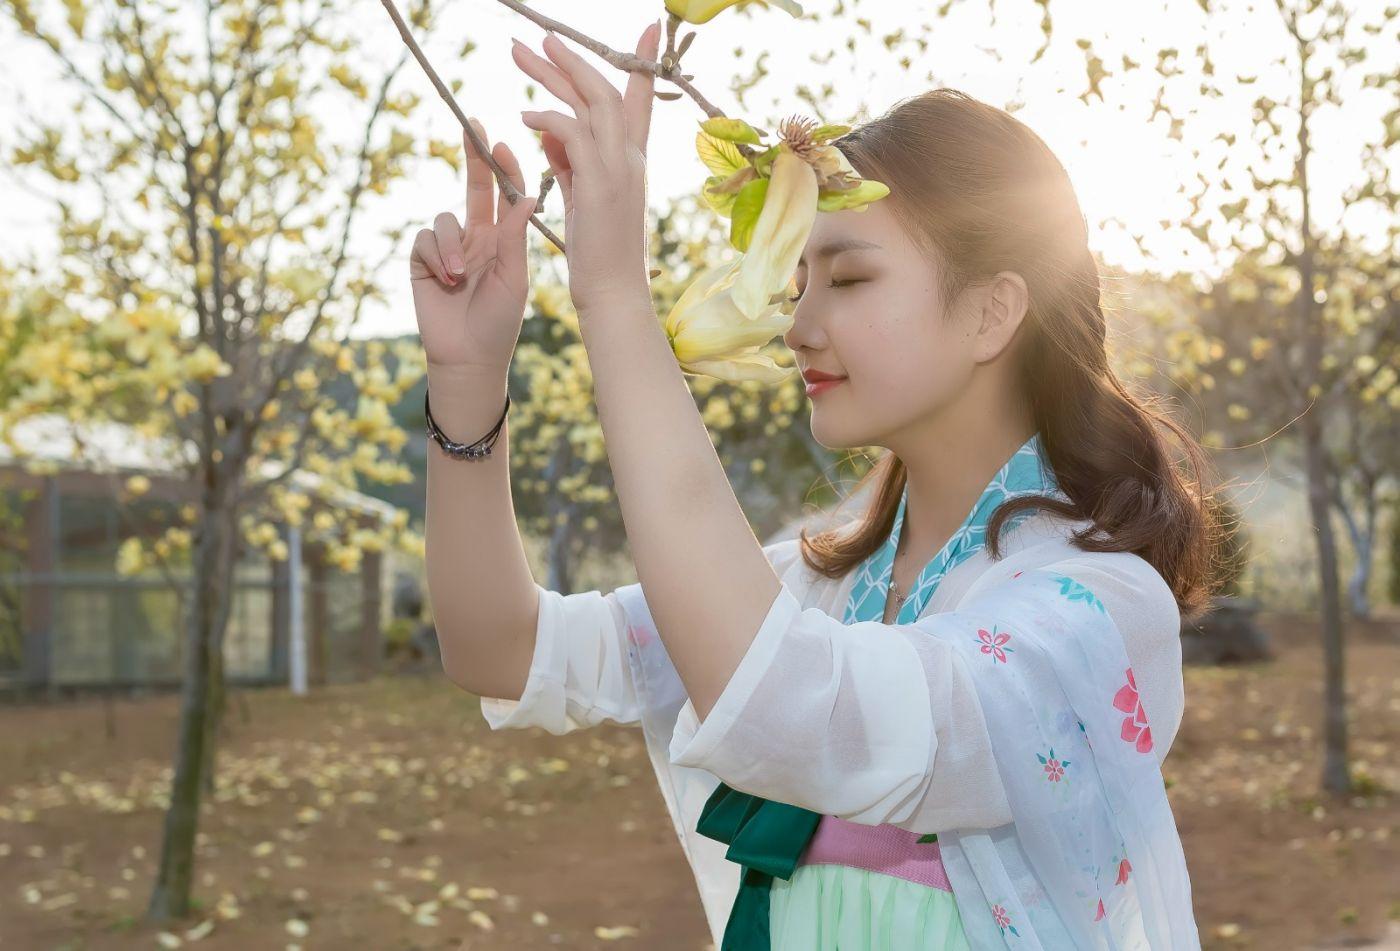 柿子妮又来了女孩越来越漂亮了穿上汉服的她在马泉花海中_图1-19